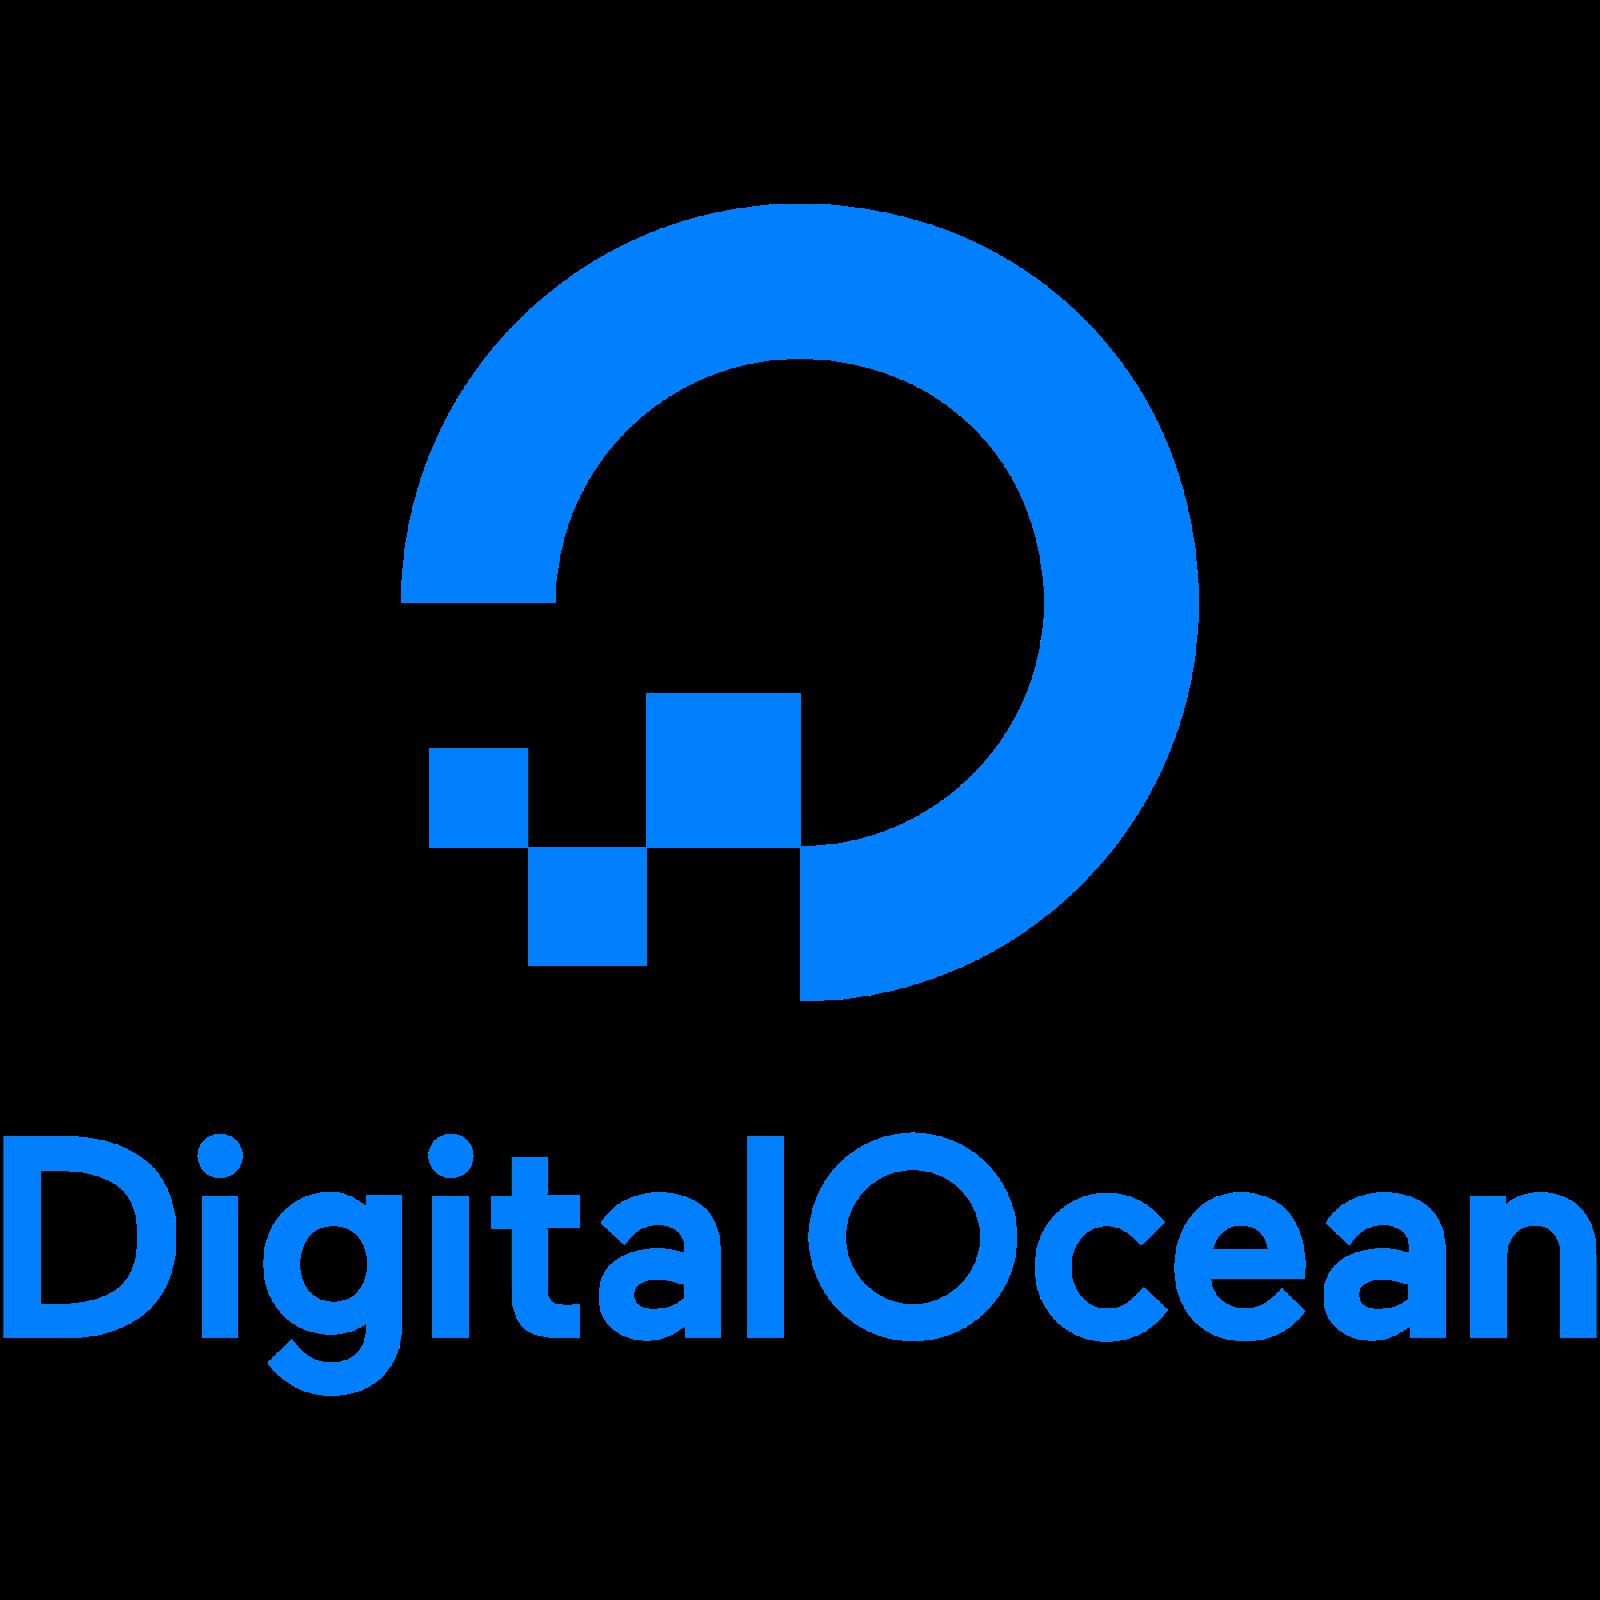 Resultado de imagem para DigitalOcean png